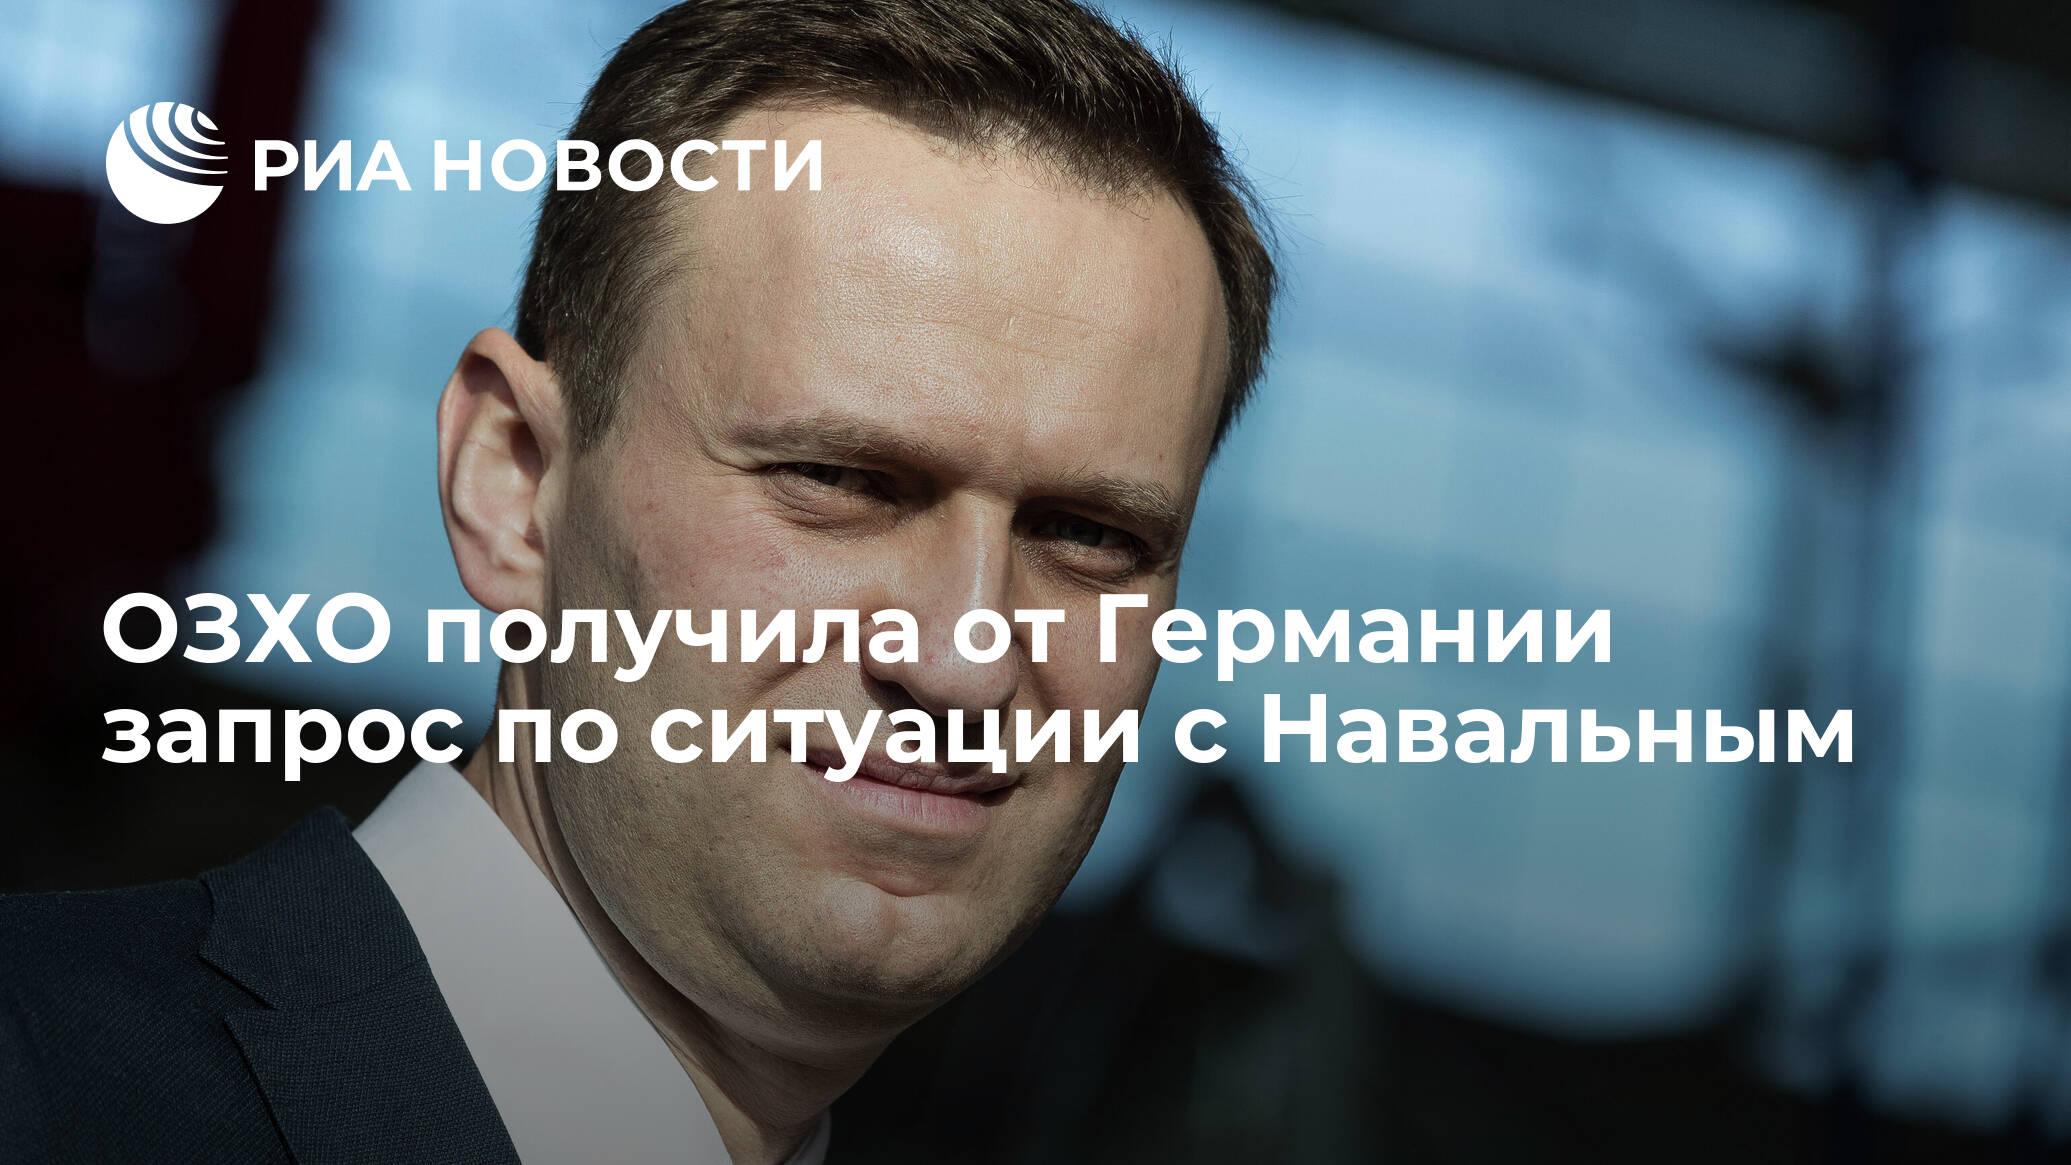 ОЗХО получила от Германии запрос по ситуации с Навальным